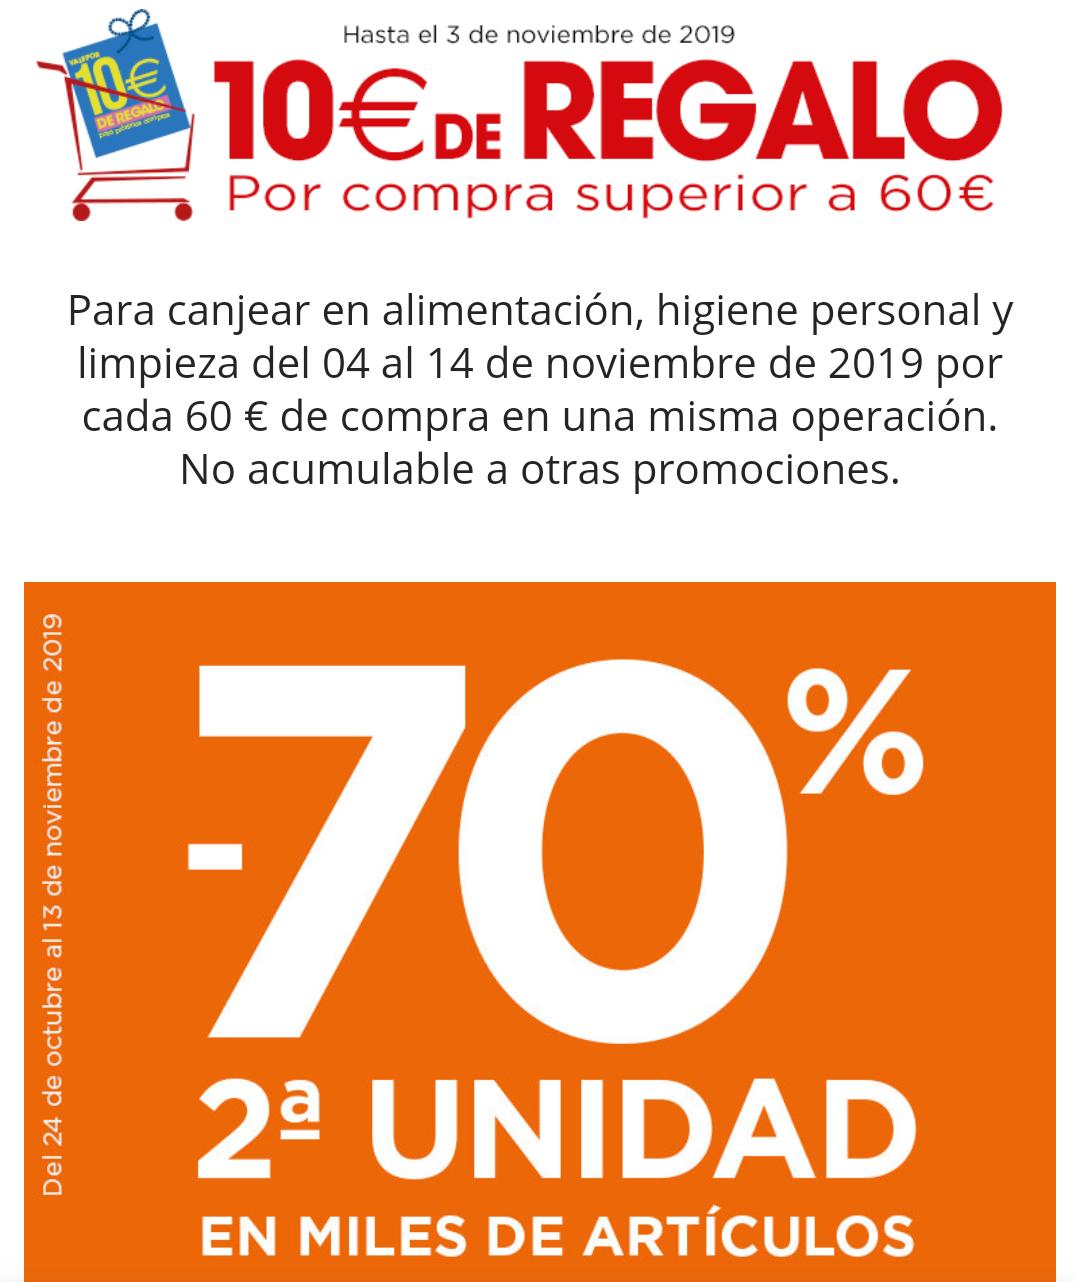 10€ de regalo por compras superiores a 60€ y 2° Und. al 70%